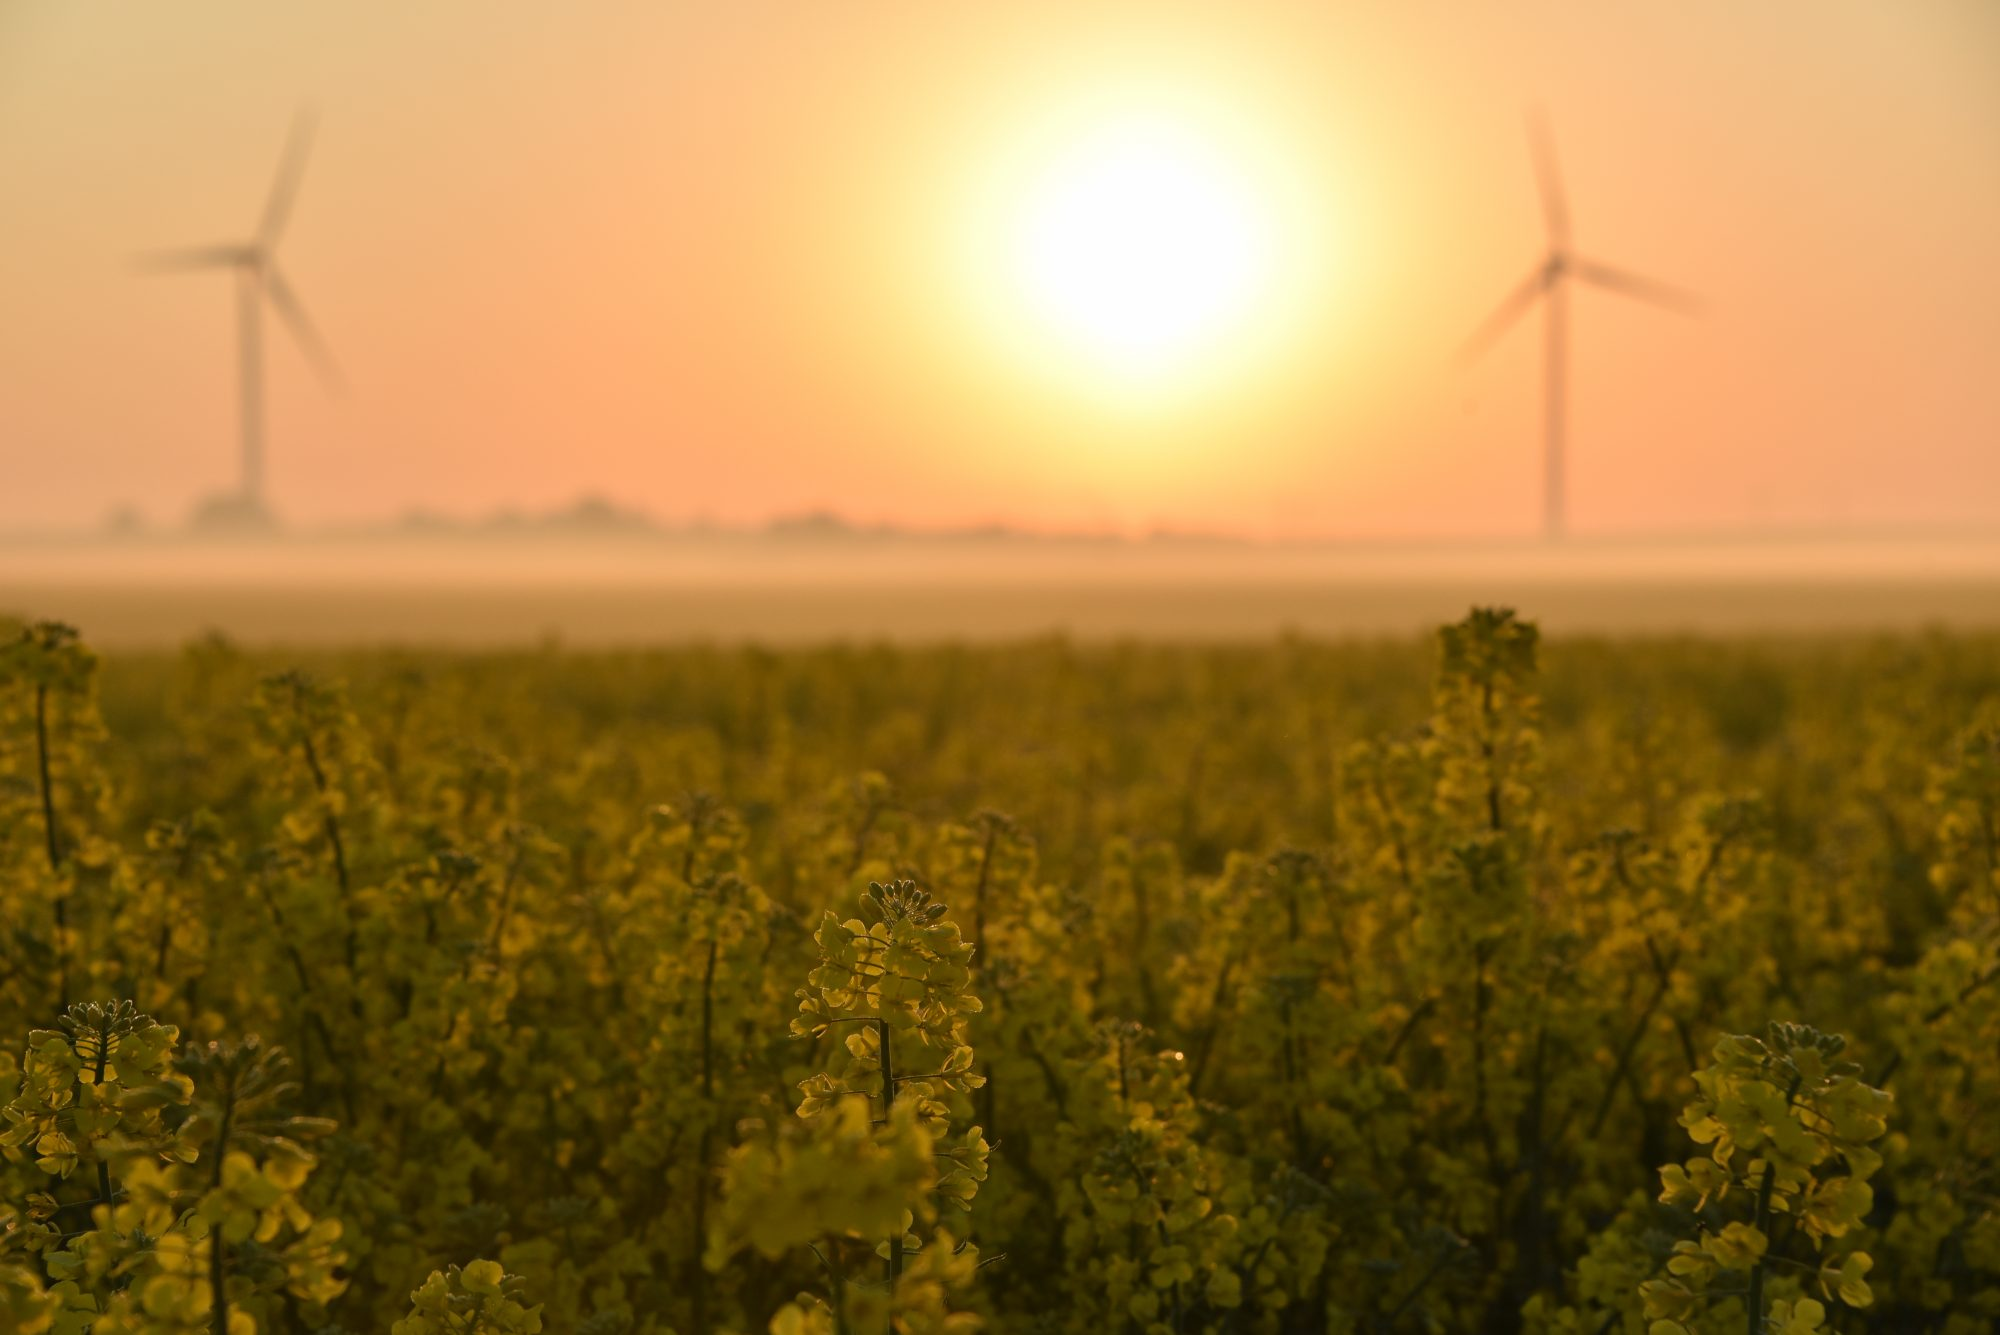 Wind turbines in green landscape fields